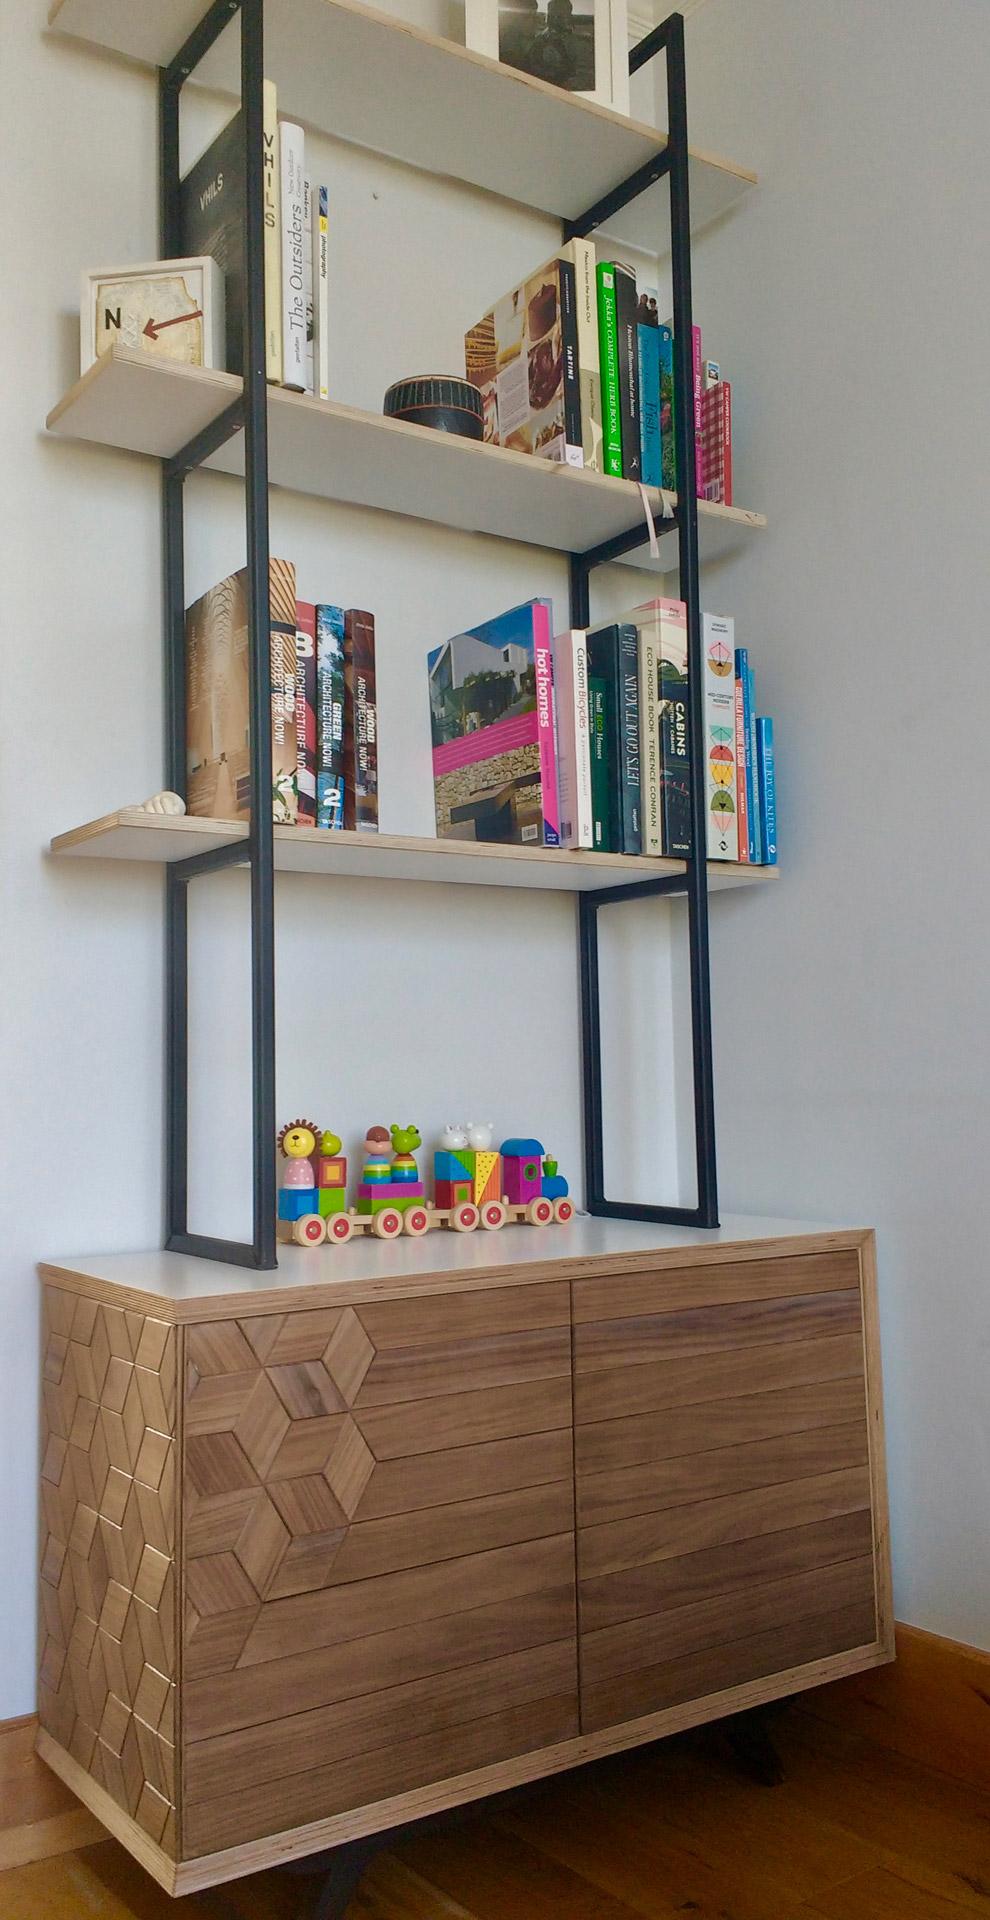 Gekko Designs walnut bookcase